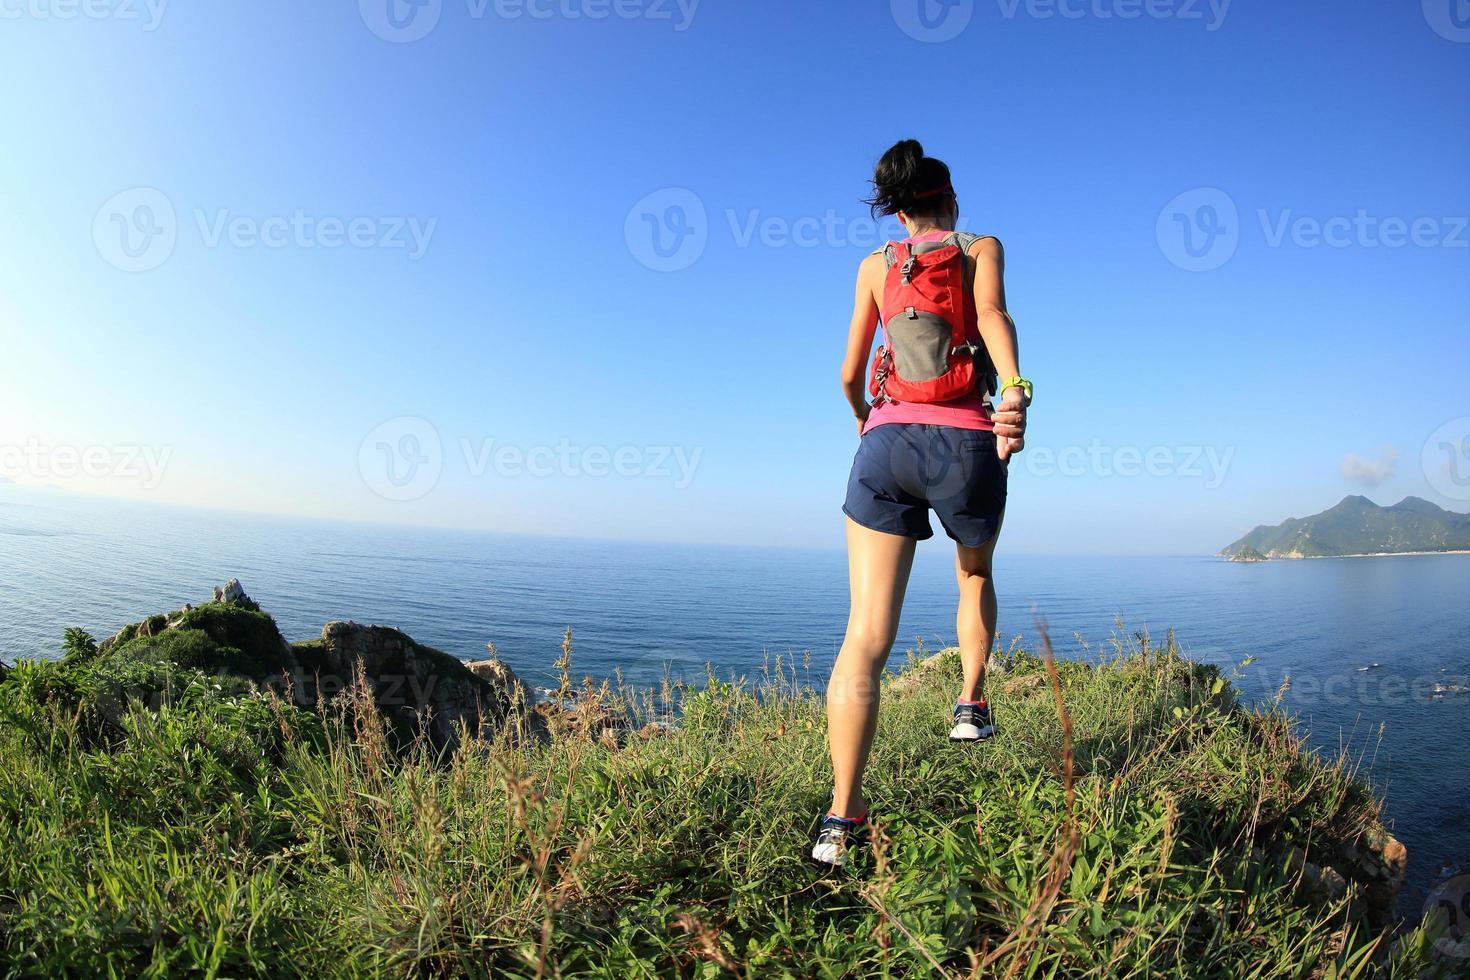 joven fitness mujer trail runner disfrutar de la vista foto